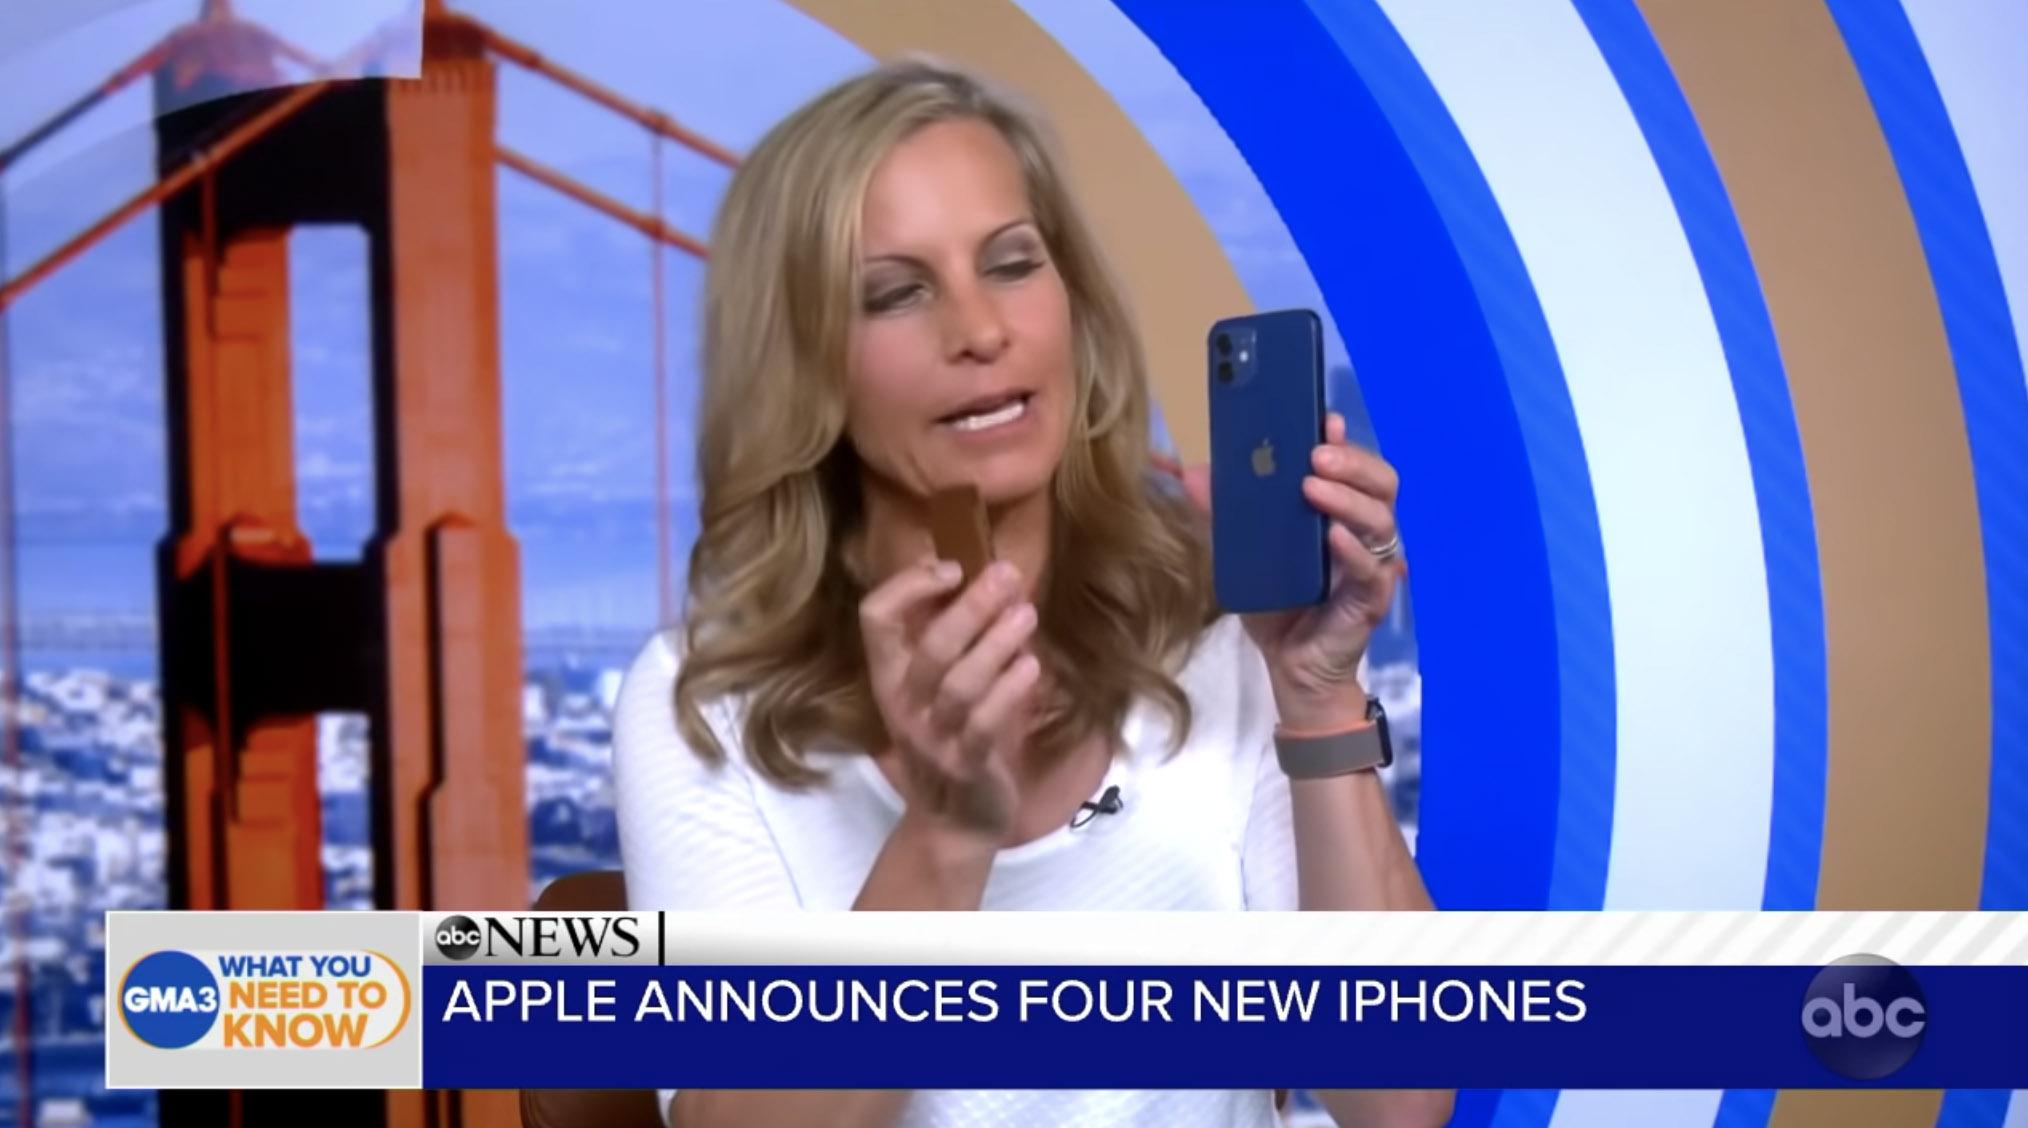 記者手上拿著 iPhone 12 藍色